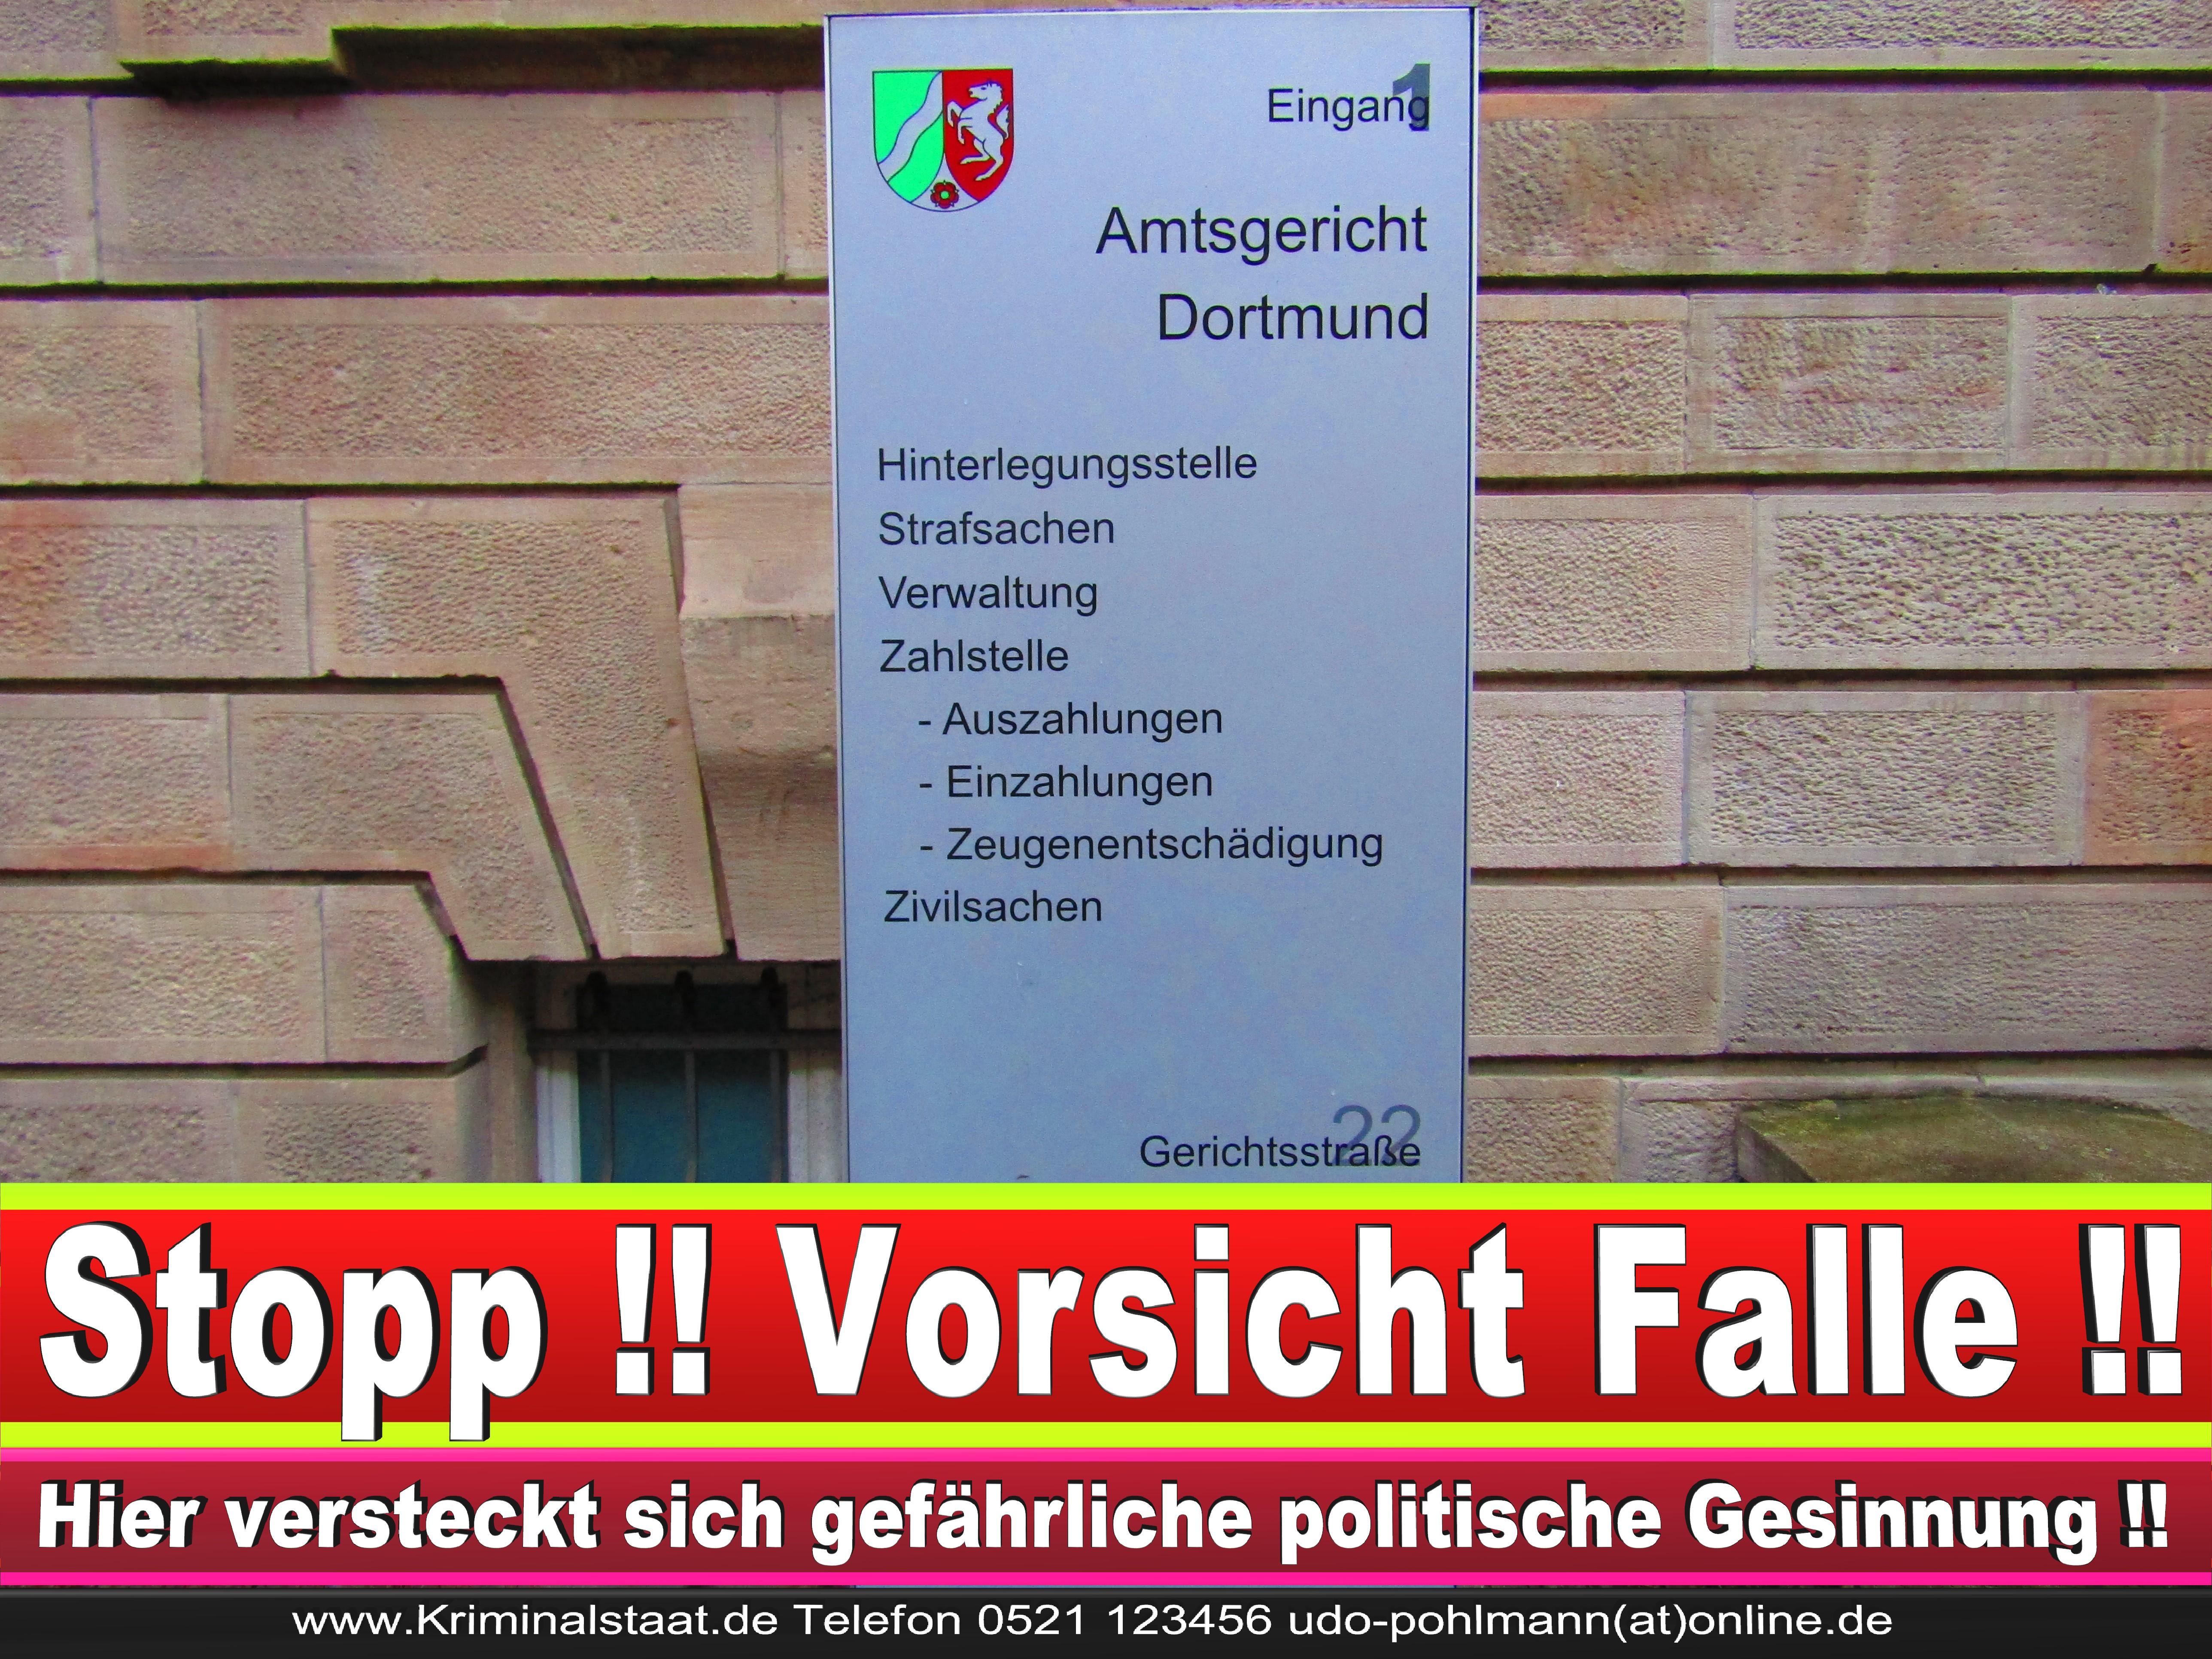 AMTSGERICHT DORTMUND RICHTER AUSBILDUNG PRAKTIKUM ANFAHRT URTEILE KORRUPTION POLIZEI ADRESSE DIREKTOR (5) 2